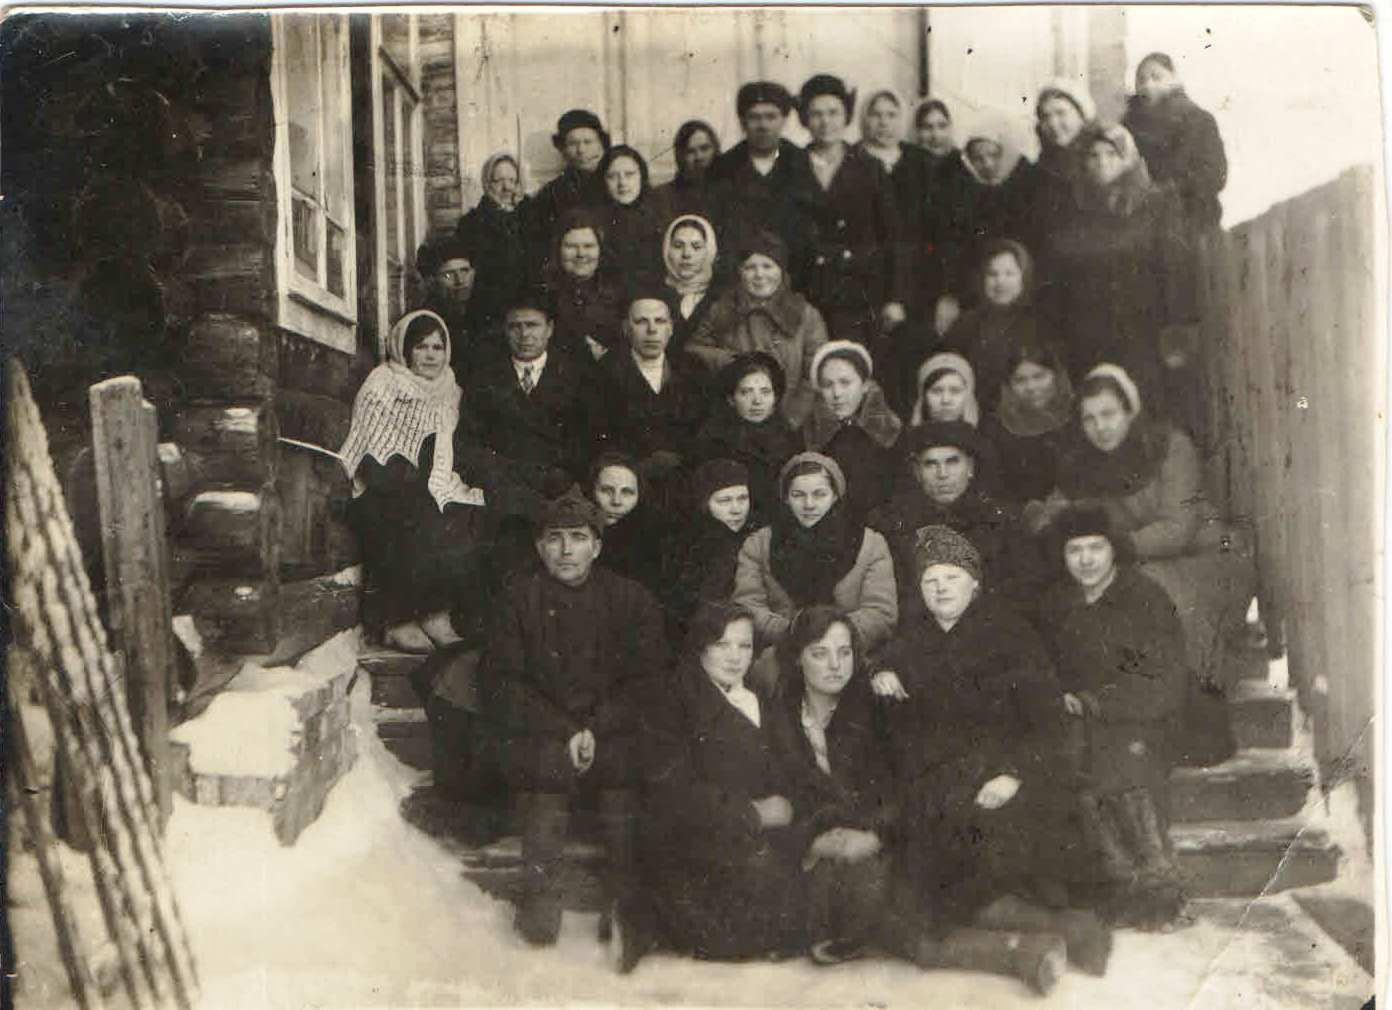 1940-е, п.Нянда. Няндская почта. Слёт работников. Семейный архив Геец (Богомолова) Ю.А., п.Урдома.